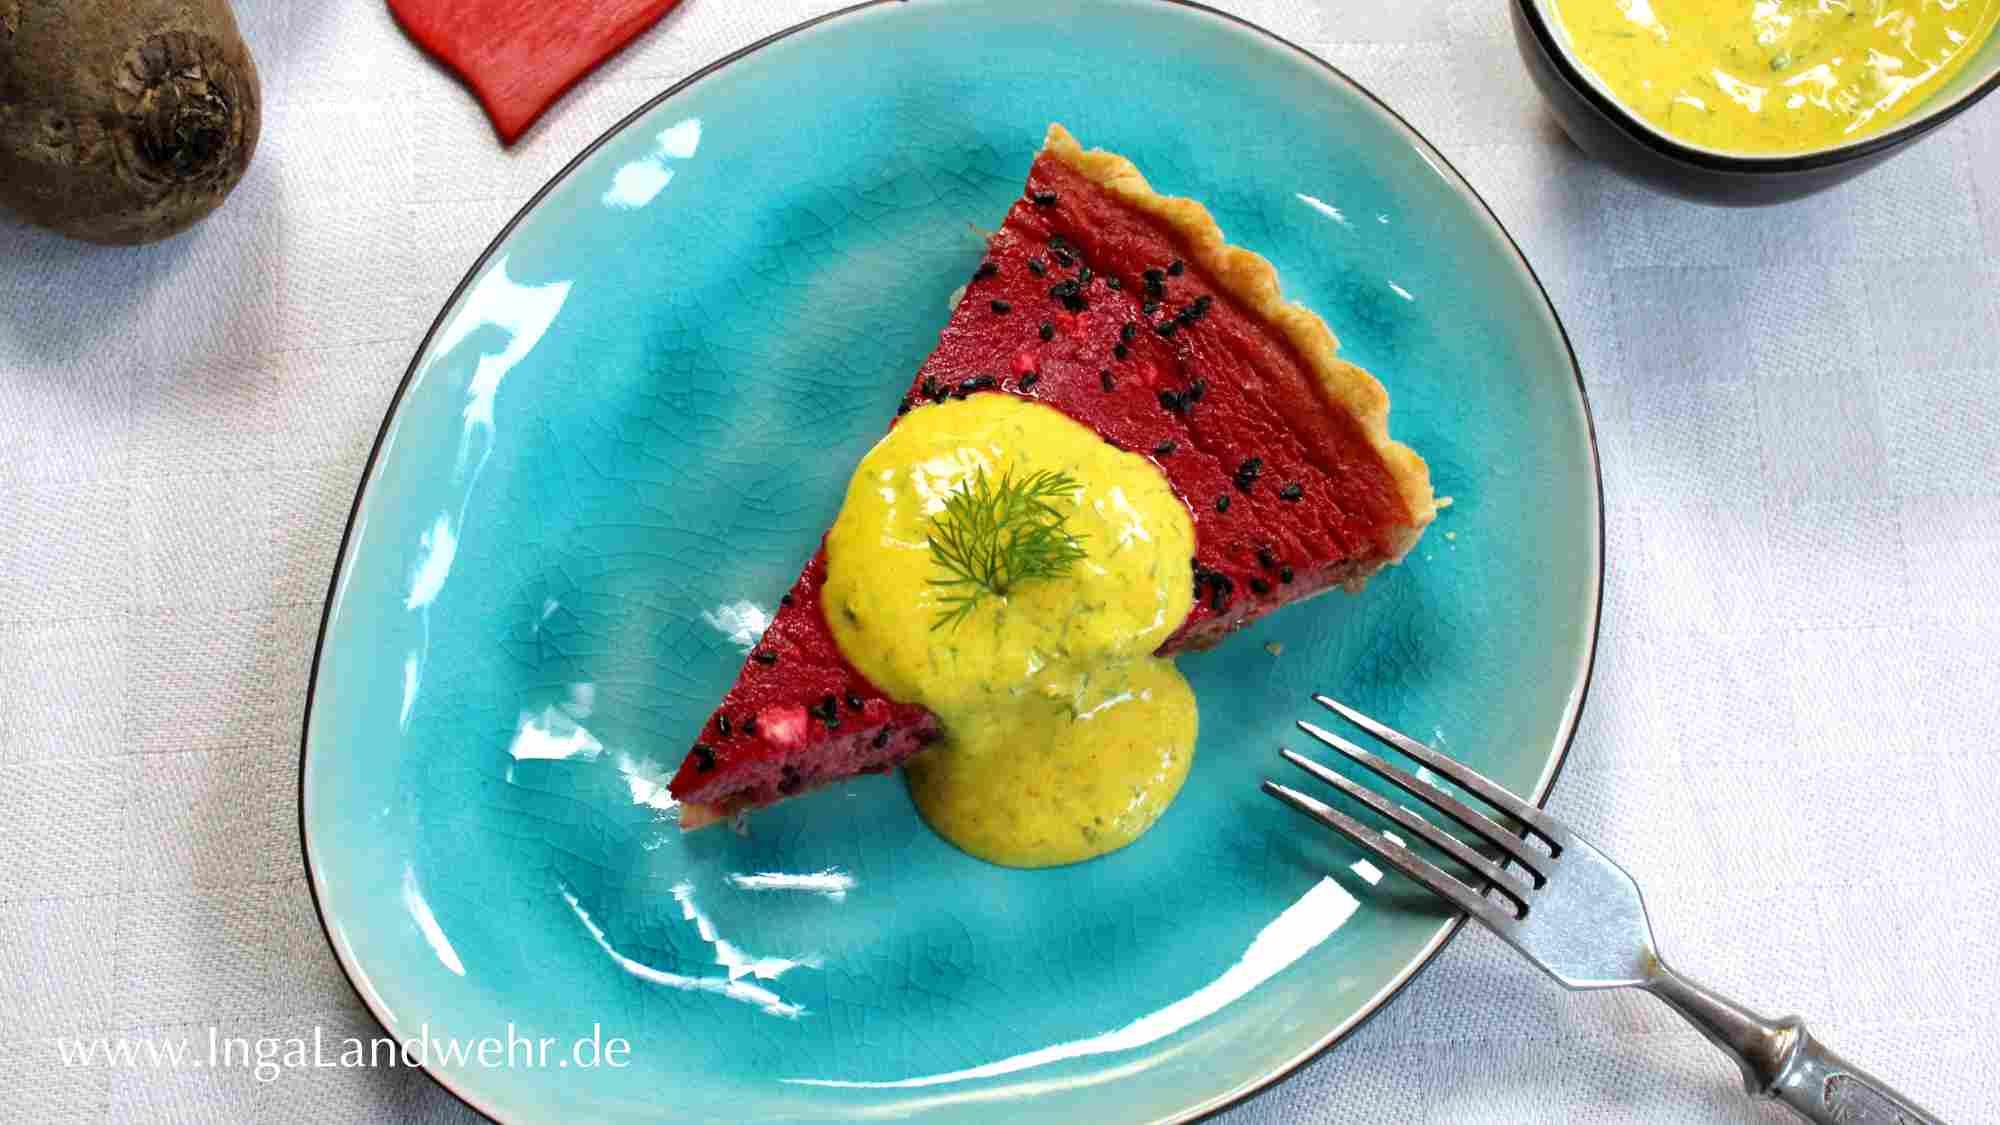 Ein Stück dunkelrote Rote-Bete-Quiche mit sonnengelber Joghurtsauce liegt auf einem türkisfarbenen Teller. Daneben eine Gabel und ein Schälchen mit Joghurtsauce.